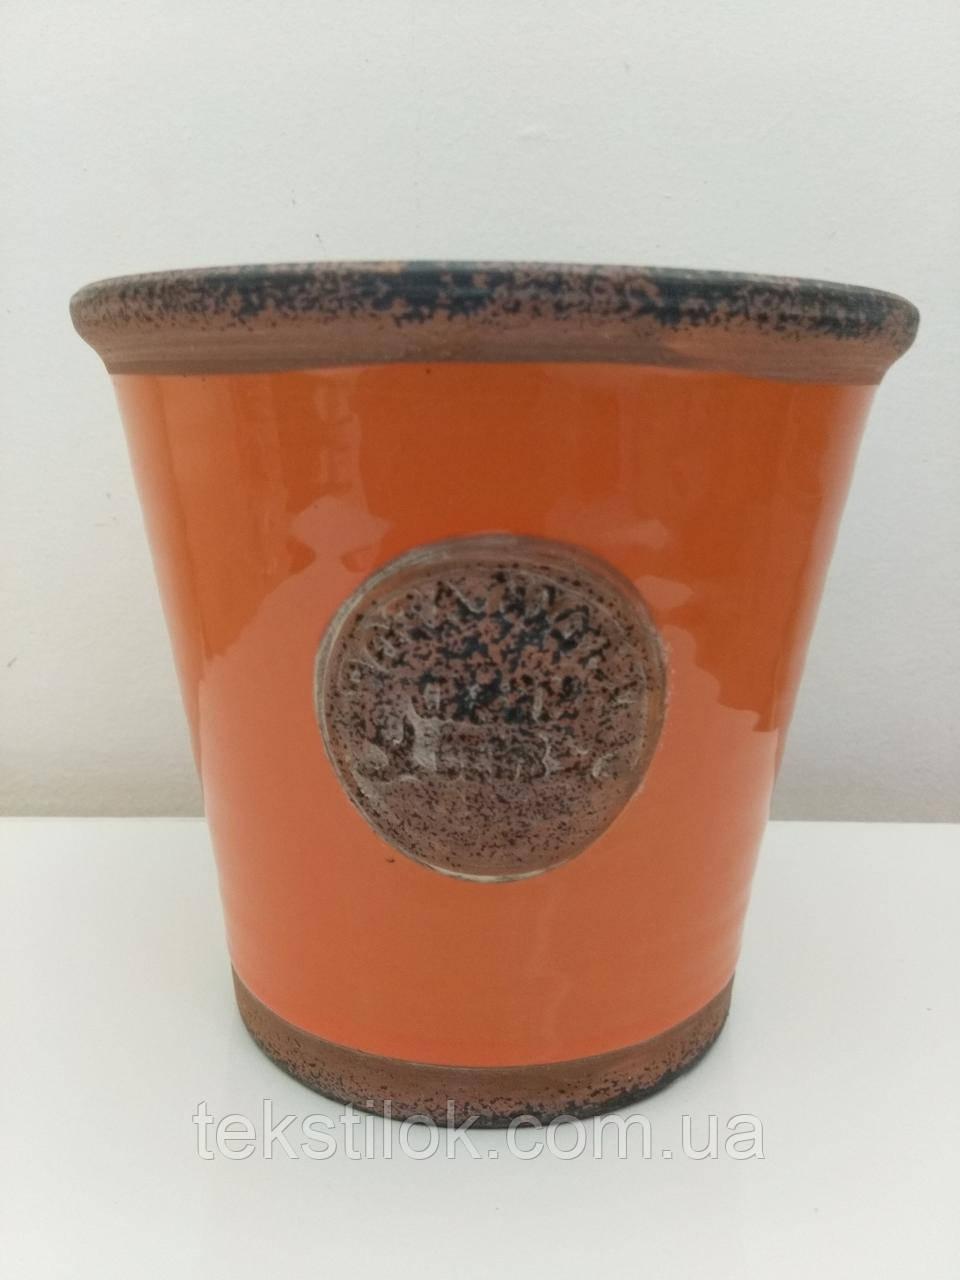 Кашпо керамическое для цветов Родос оранжевое